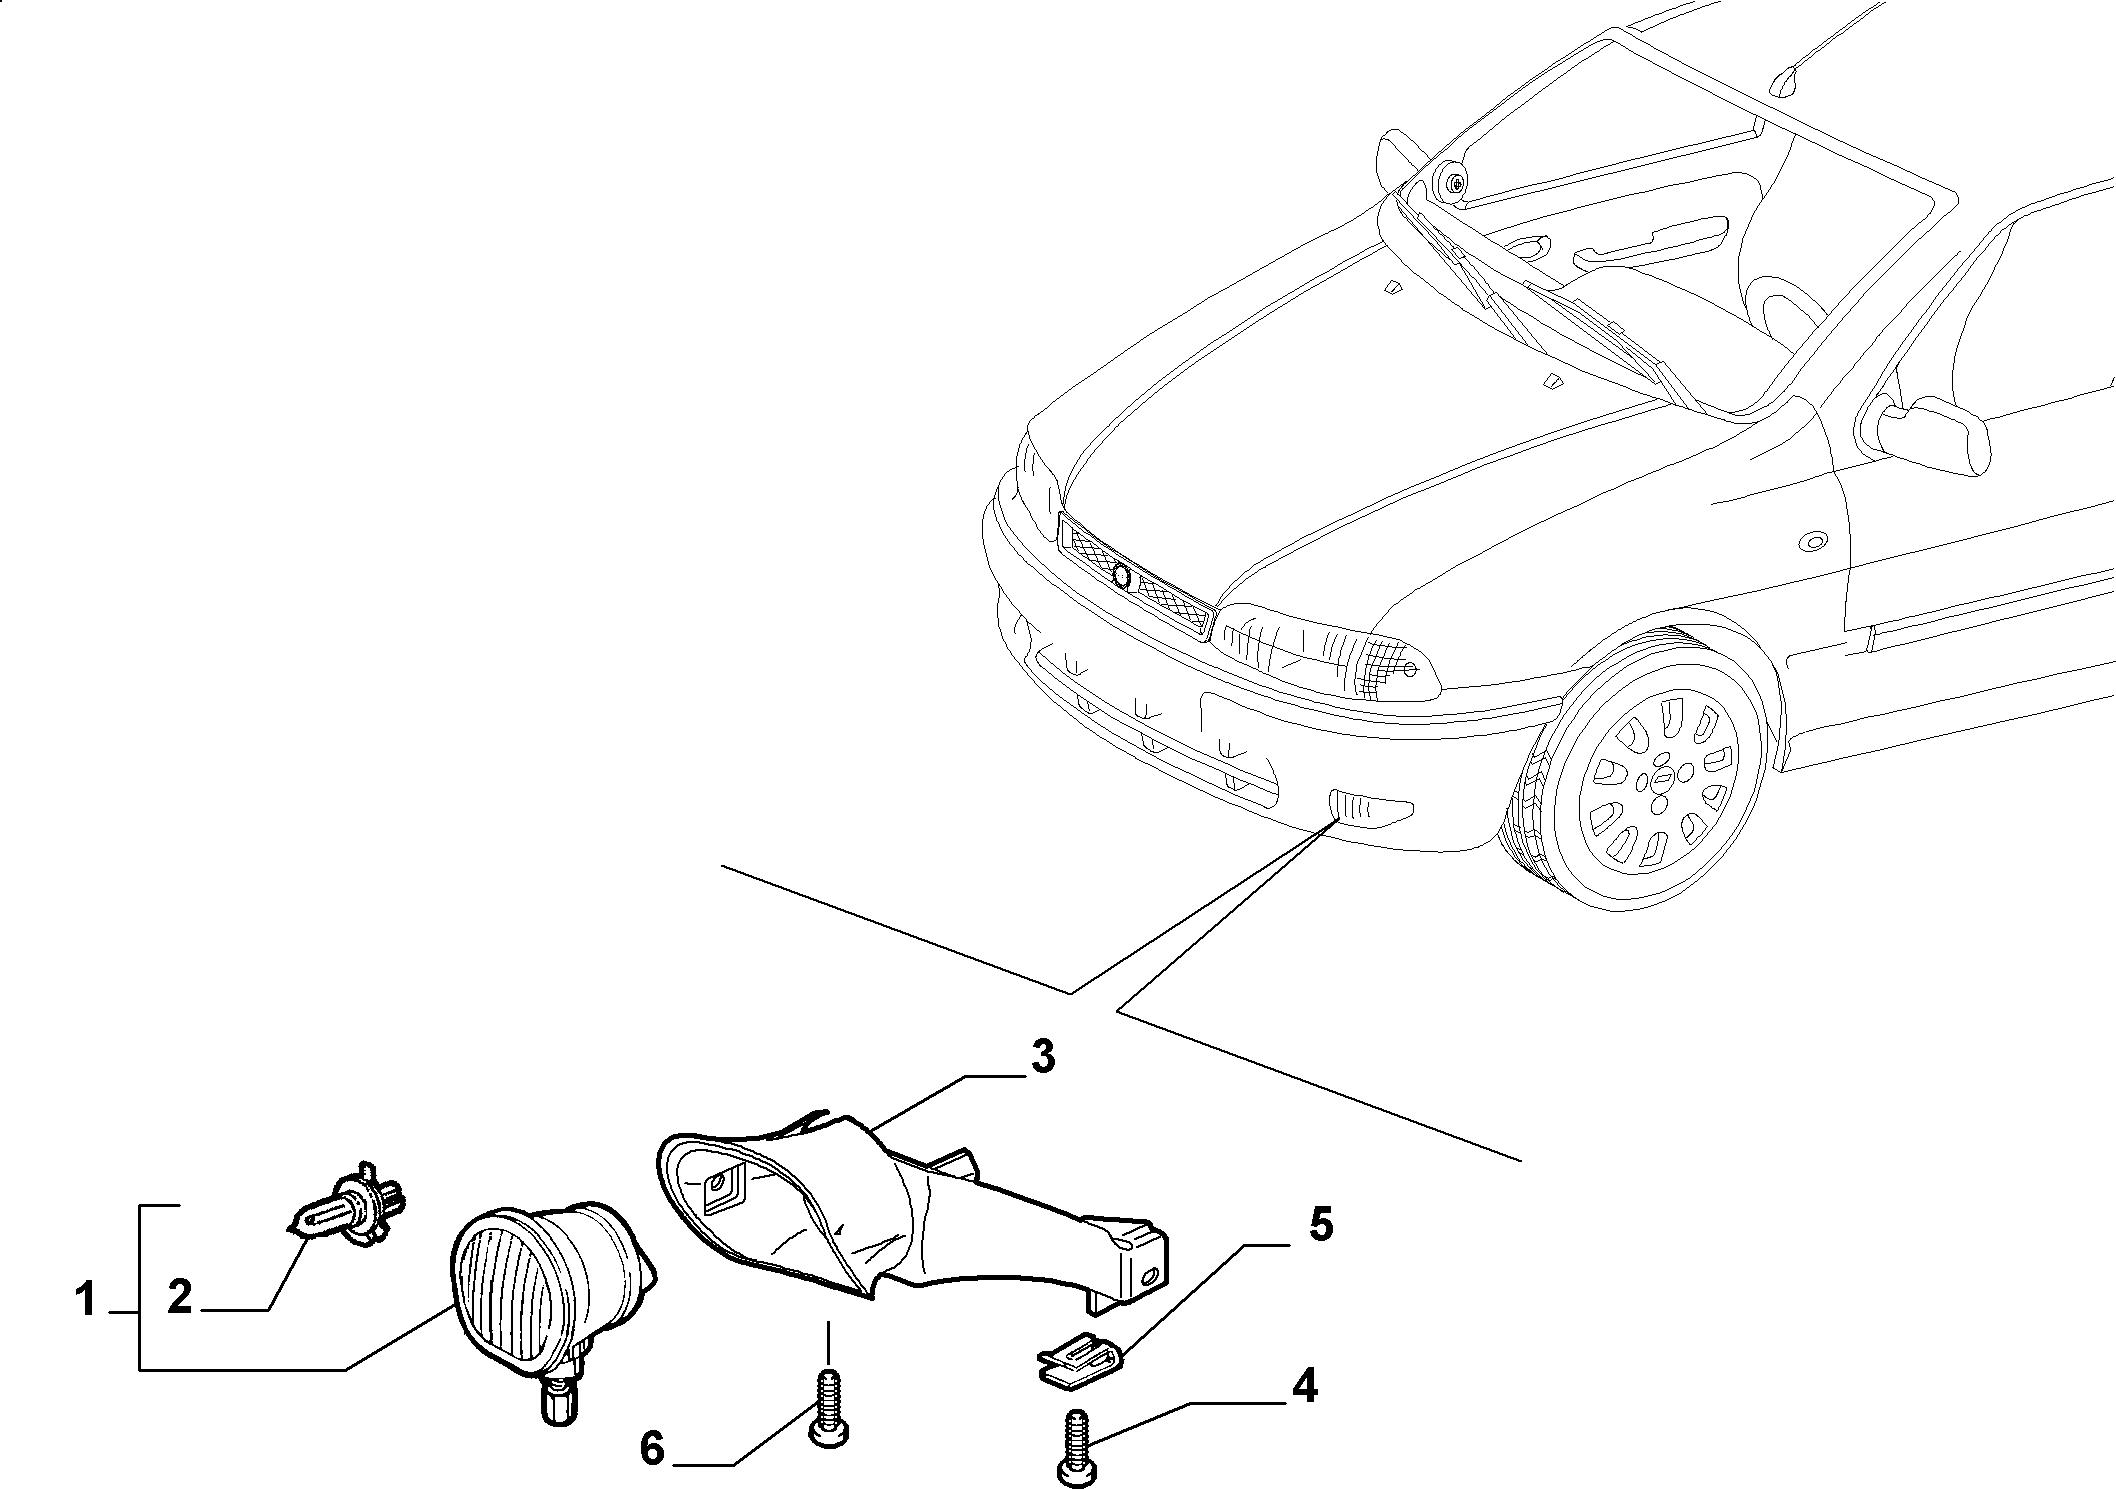 55401/06 НАРУЖНОЕ ОСВЕЩЕНИЕ